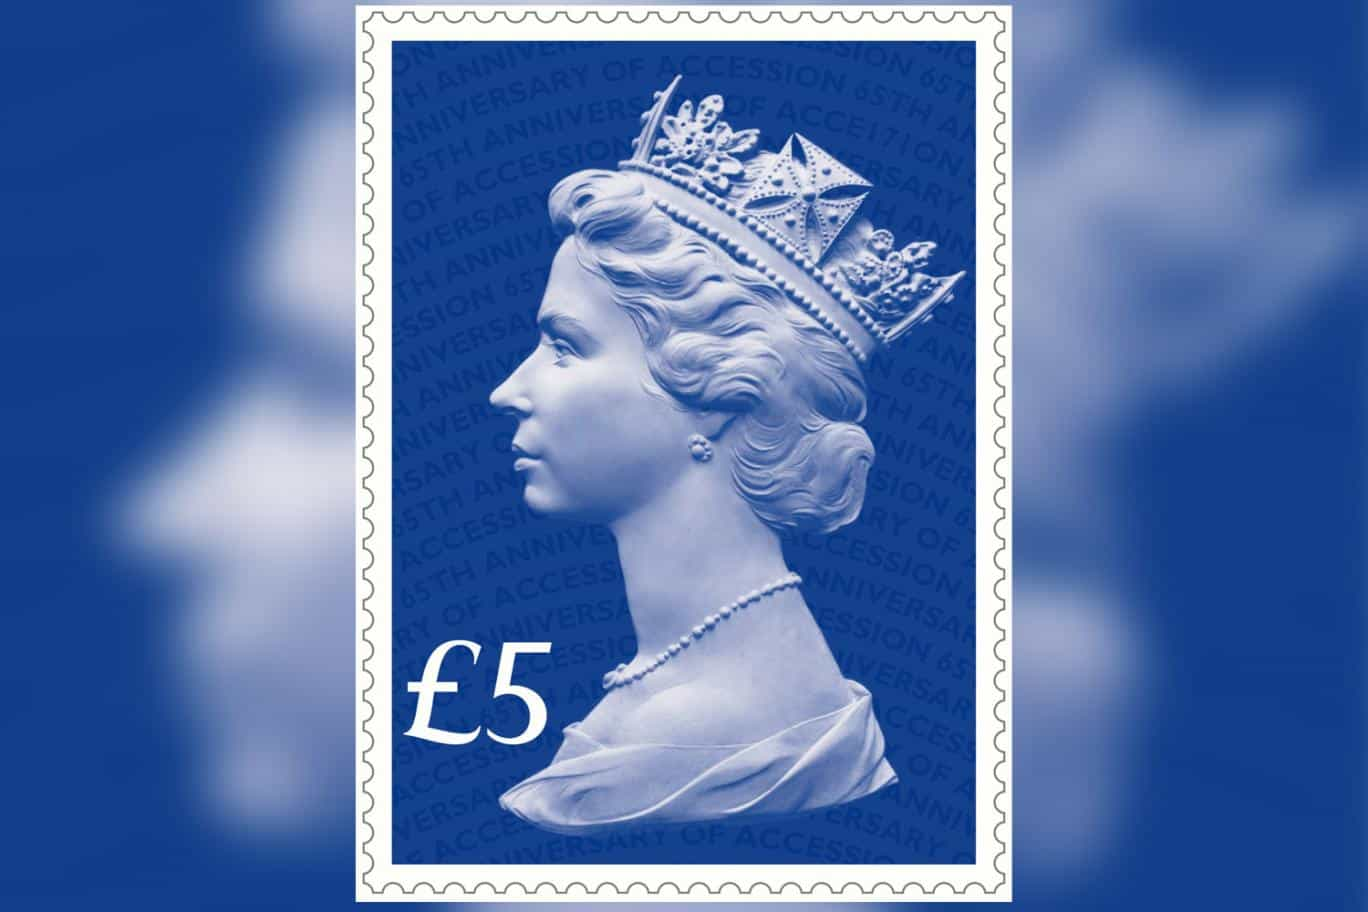 Queen Elizabeth II Sapphire Jubilee stamp